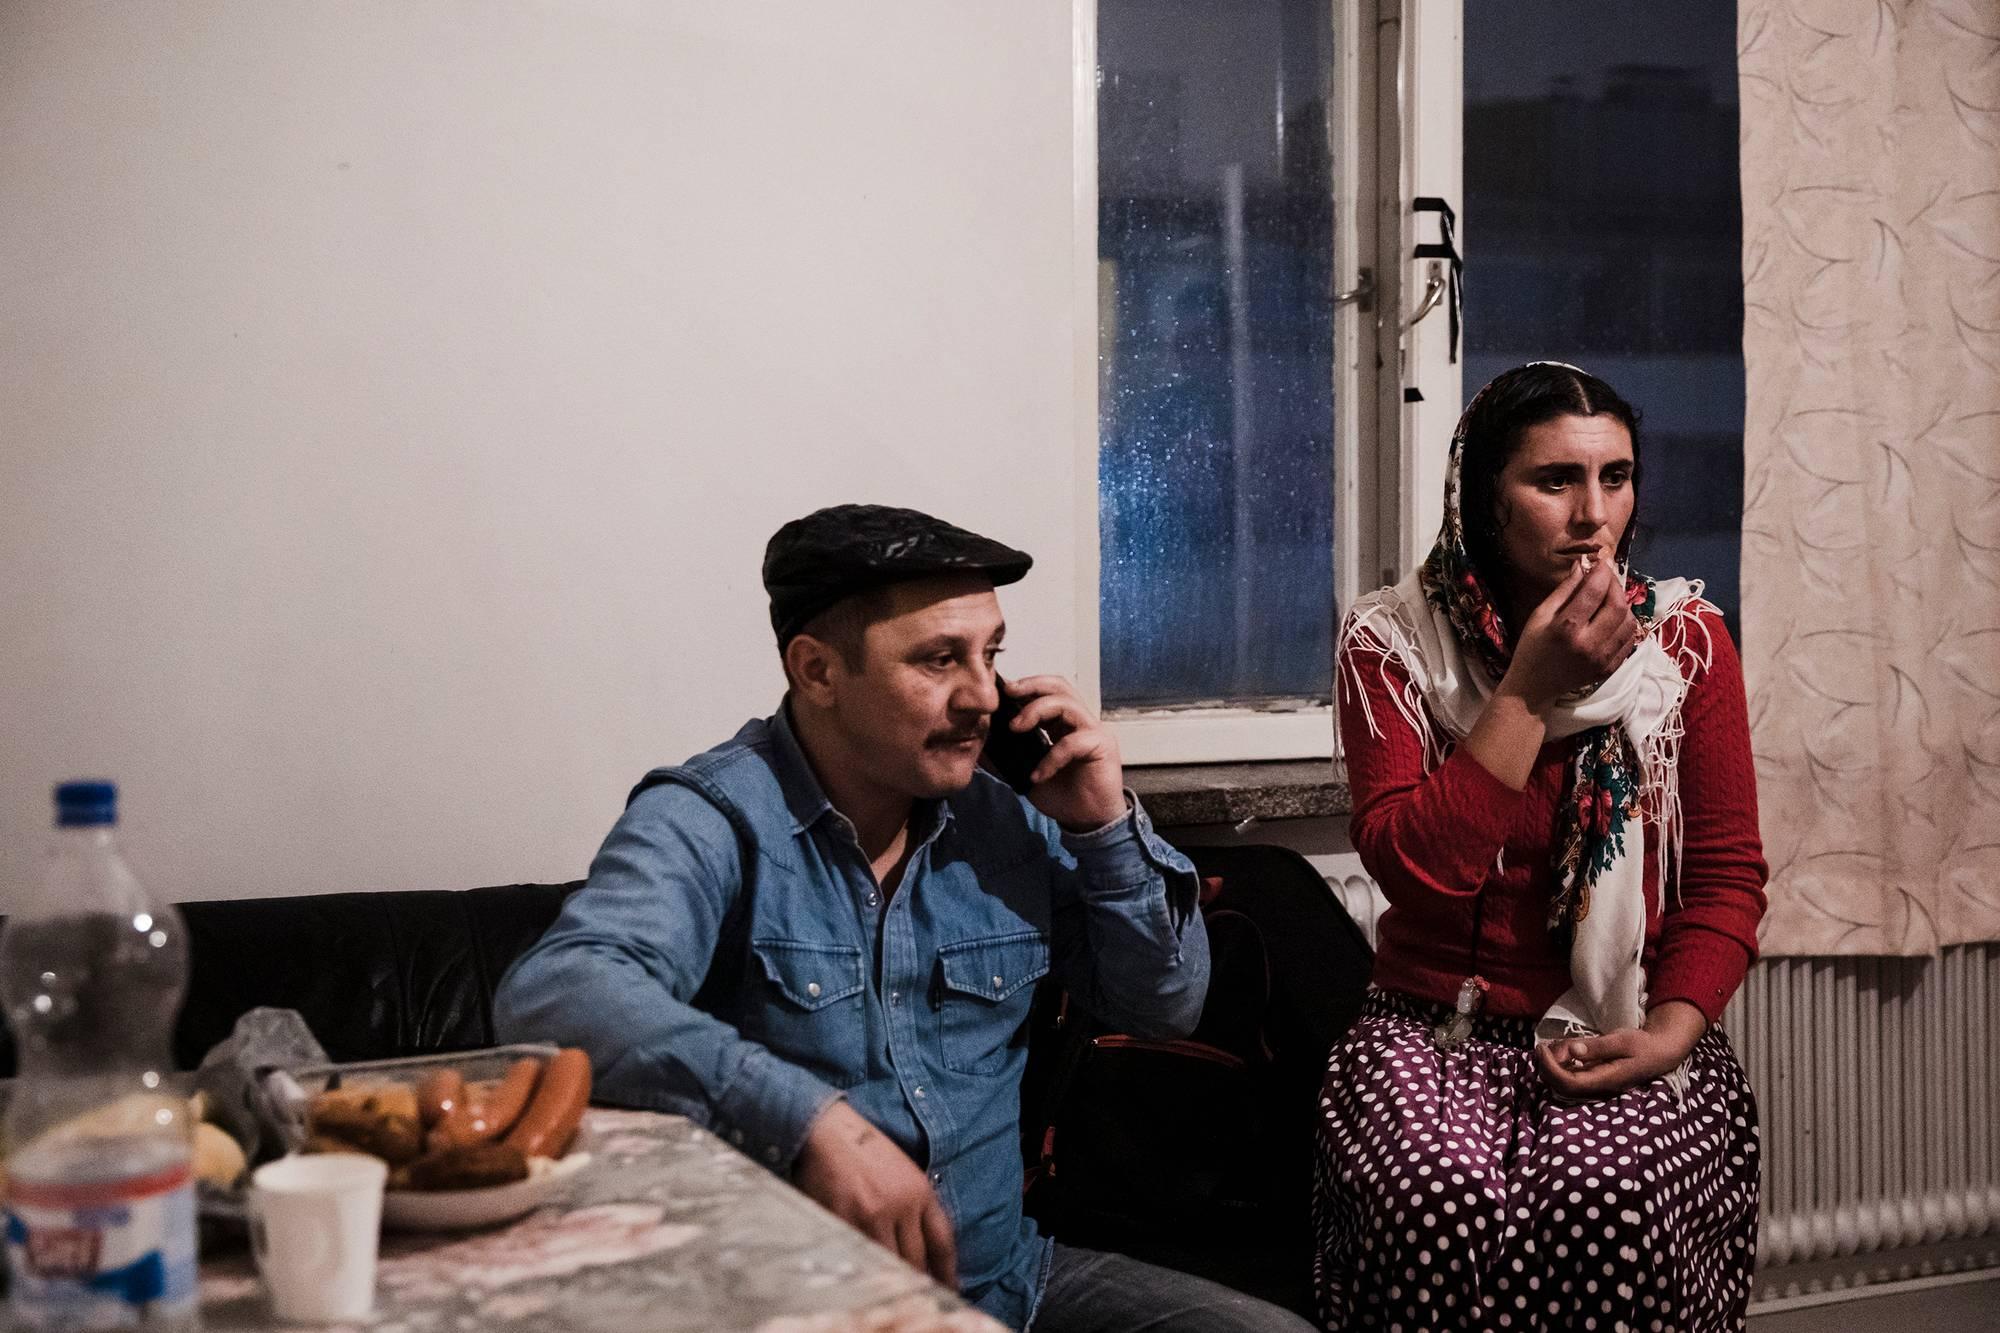 Nicoláe Cantaragiun puhuu puhelimessa Luminita Munteanun veljen kanssa. Munteanu on kattanut kylmän illallisen, sillä mikrot eivät ole käytössä; edellisellä viikolla yksi niistä aiheutti palohälytyksen. Pariskunnan 18-vuotias esikoispoika huolehtii kahdesta nuoremmasta lapsesta Romaniassa.